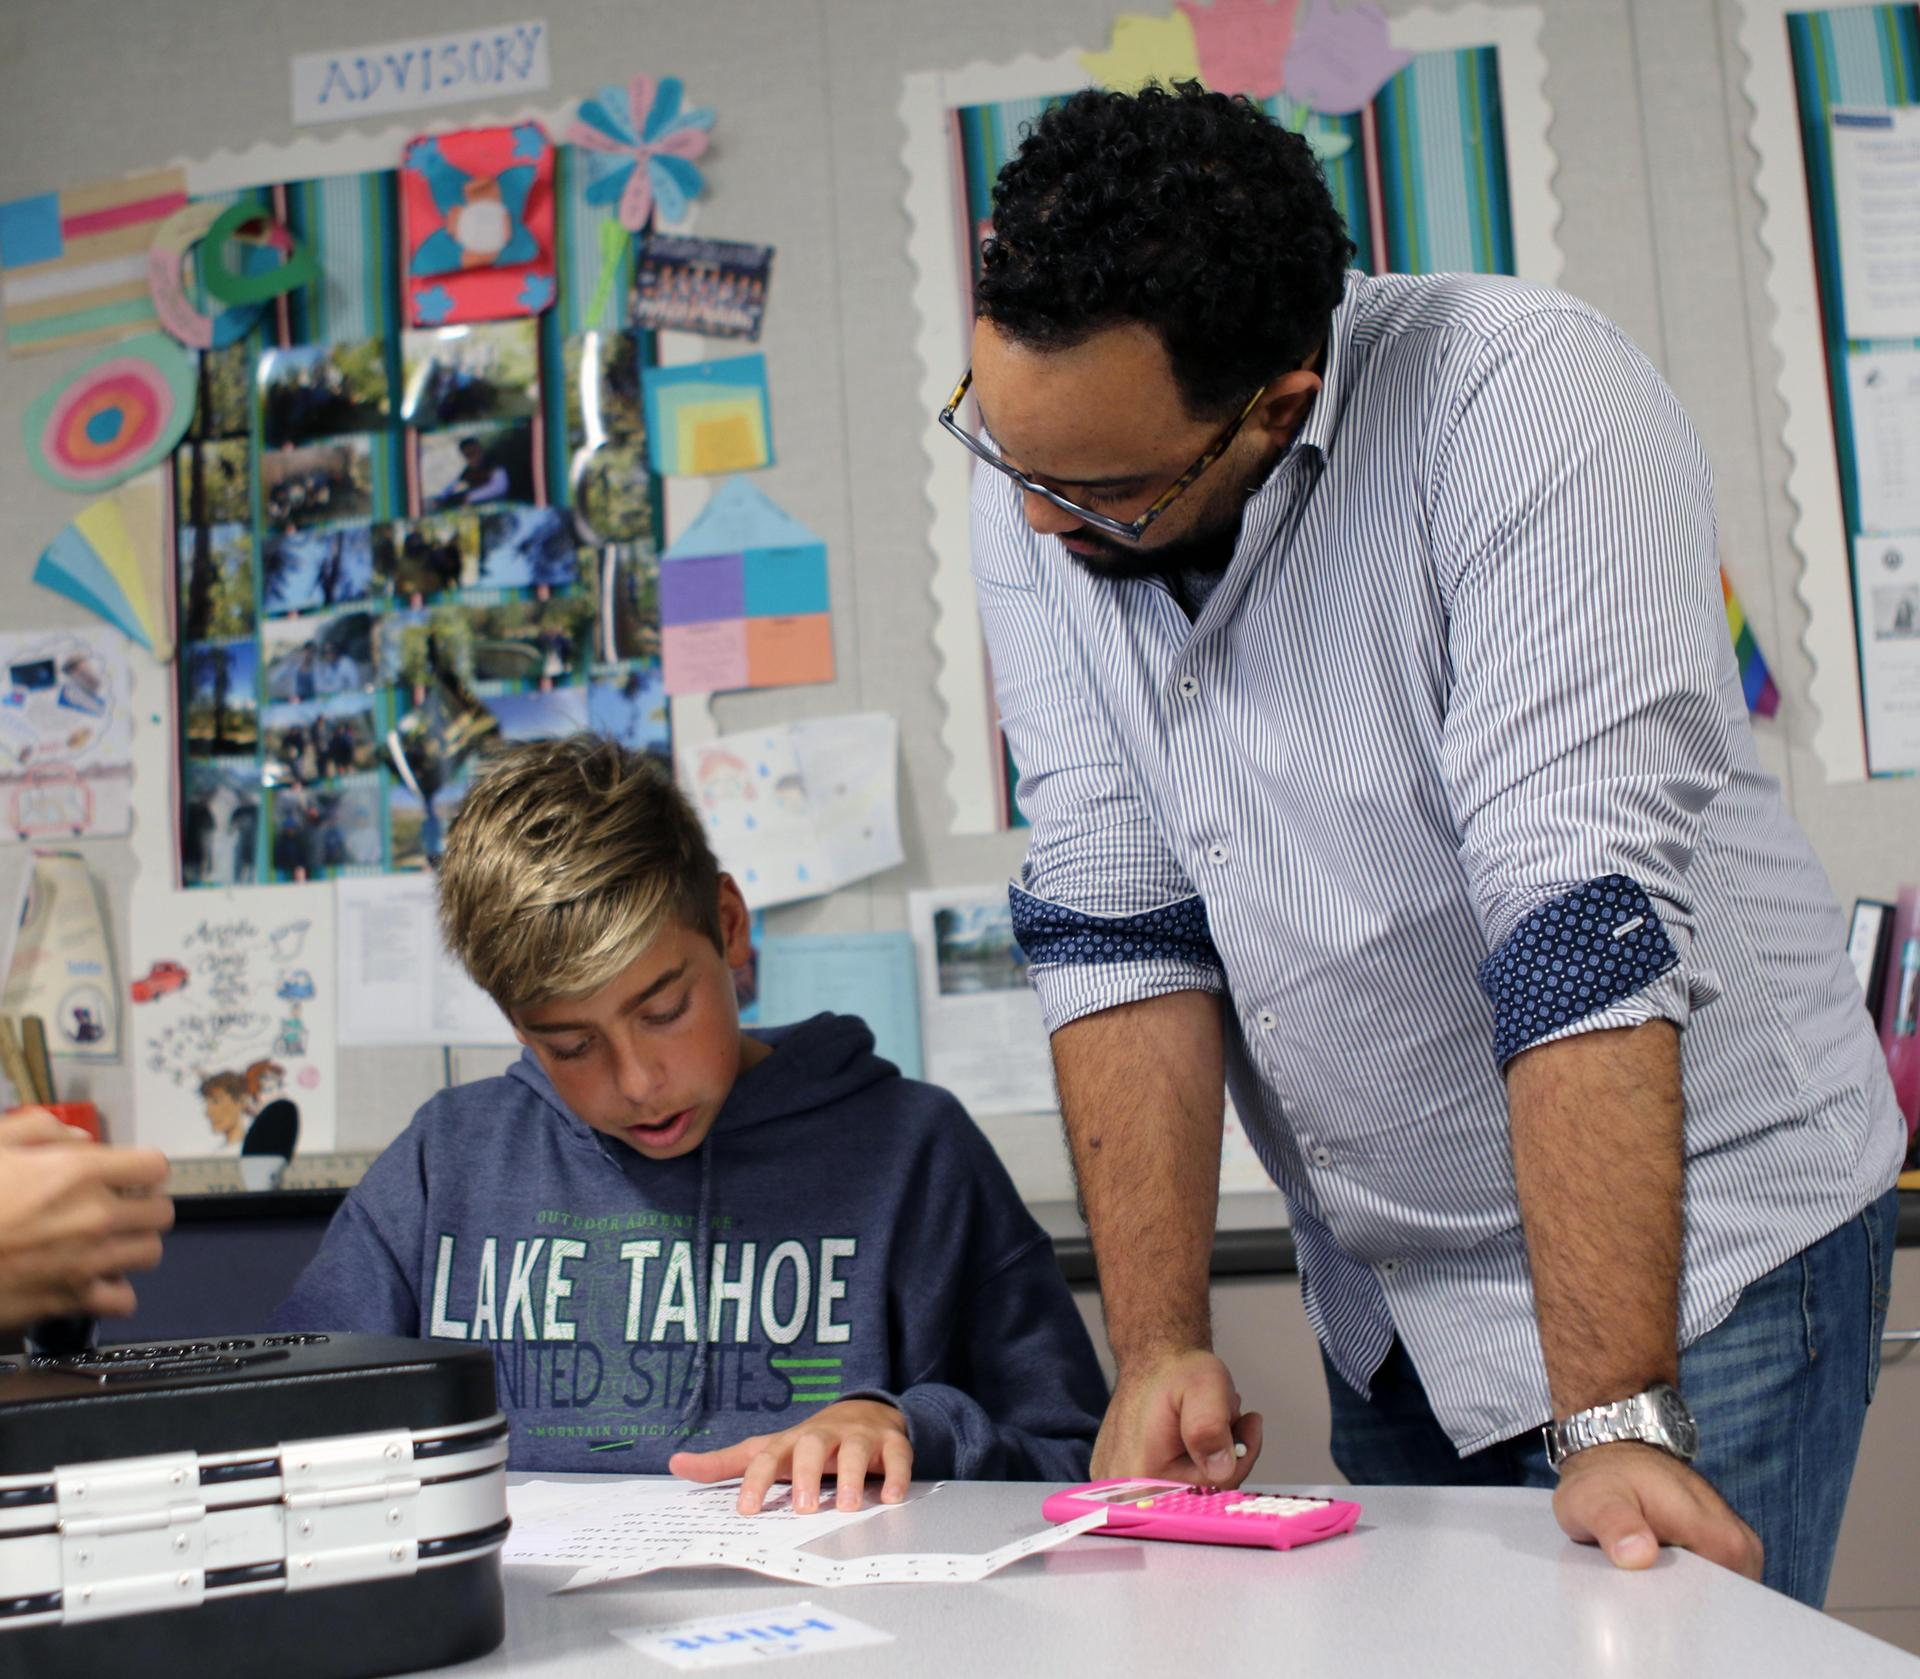 Mr. 布兰切特和一个数学学生一起工作.